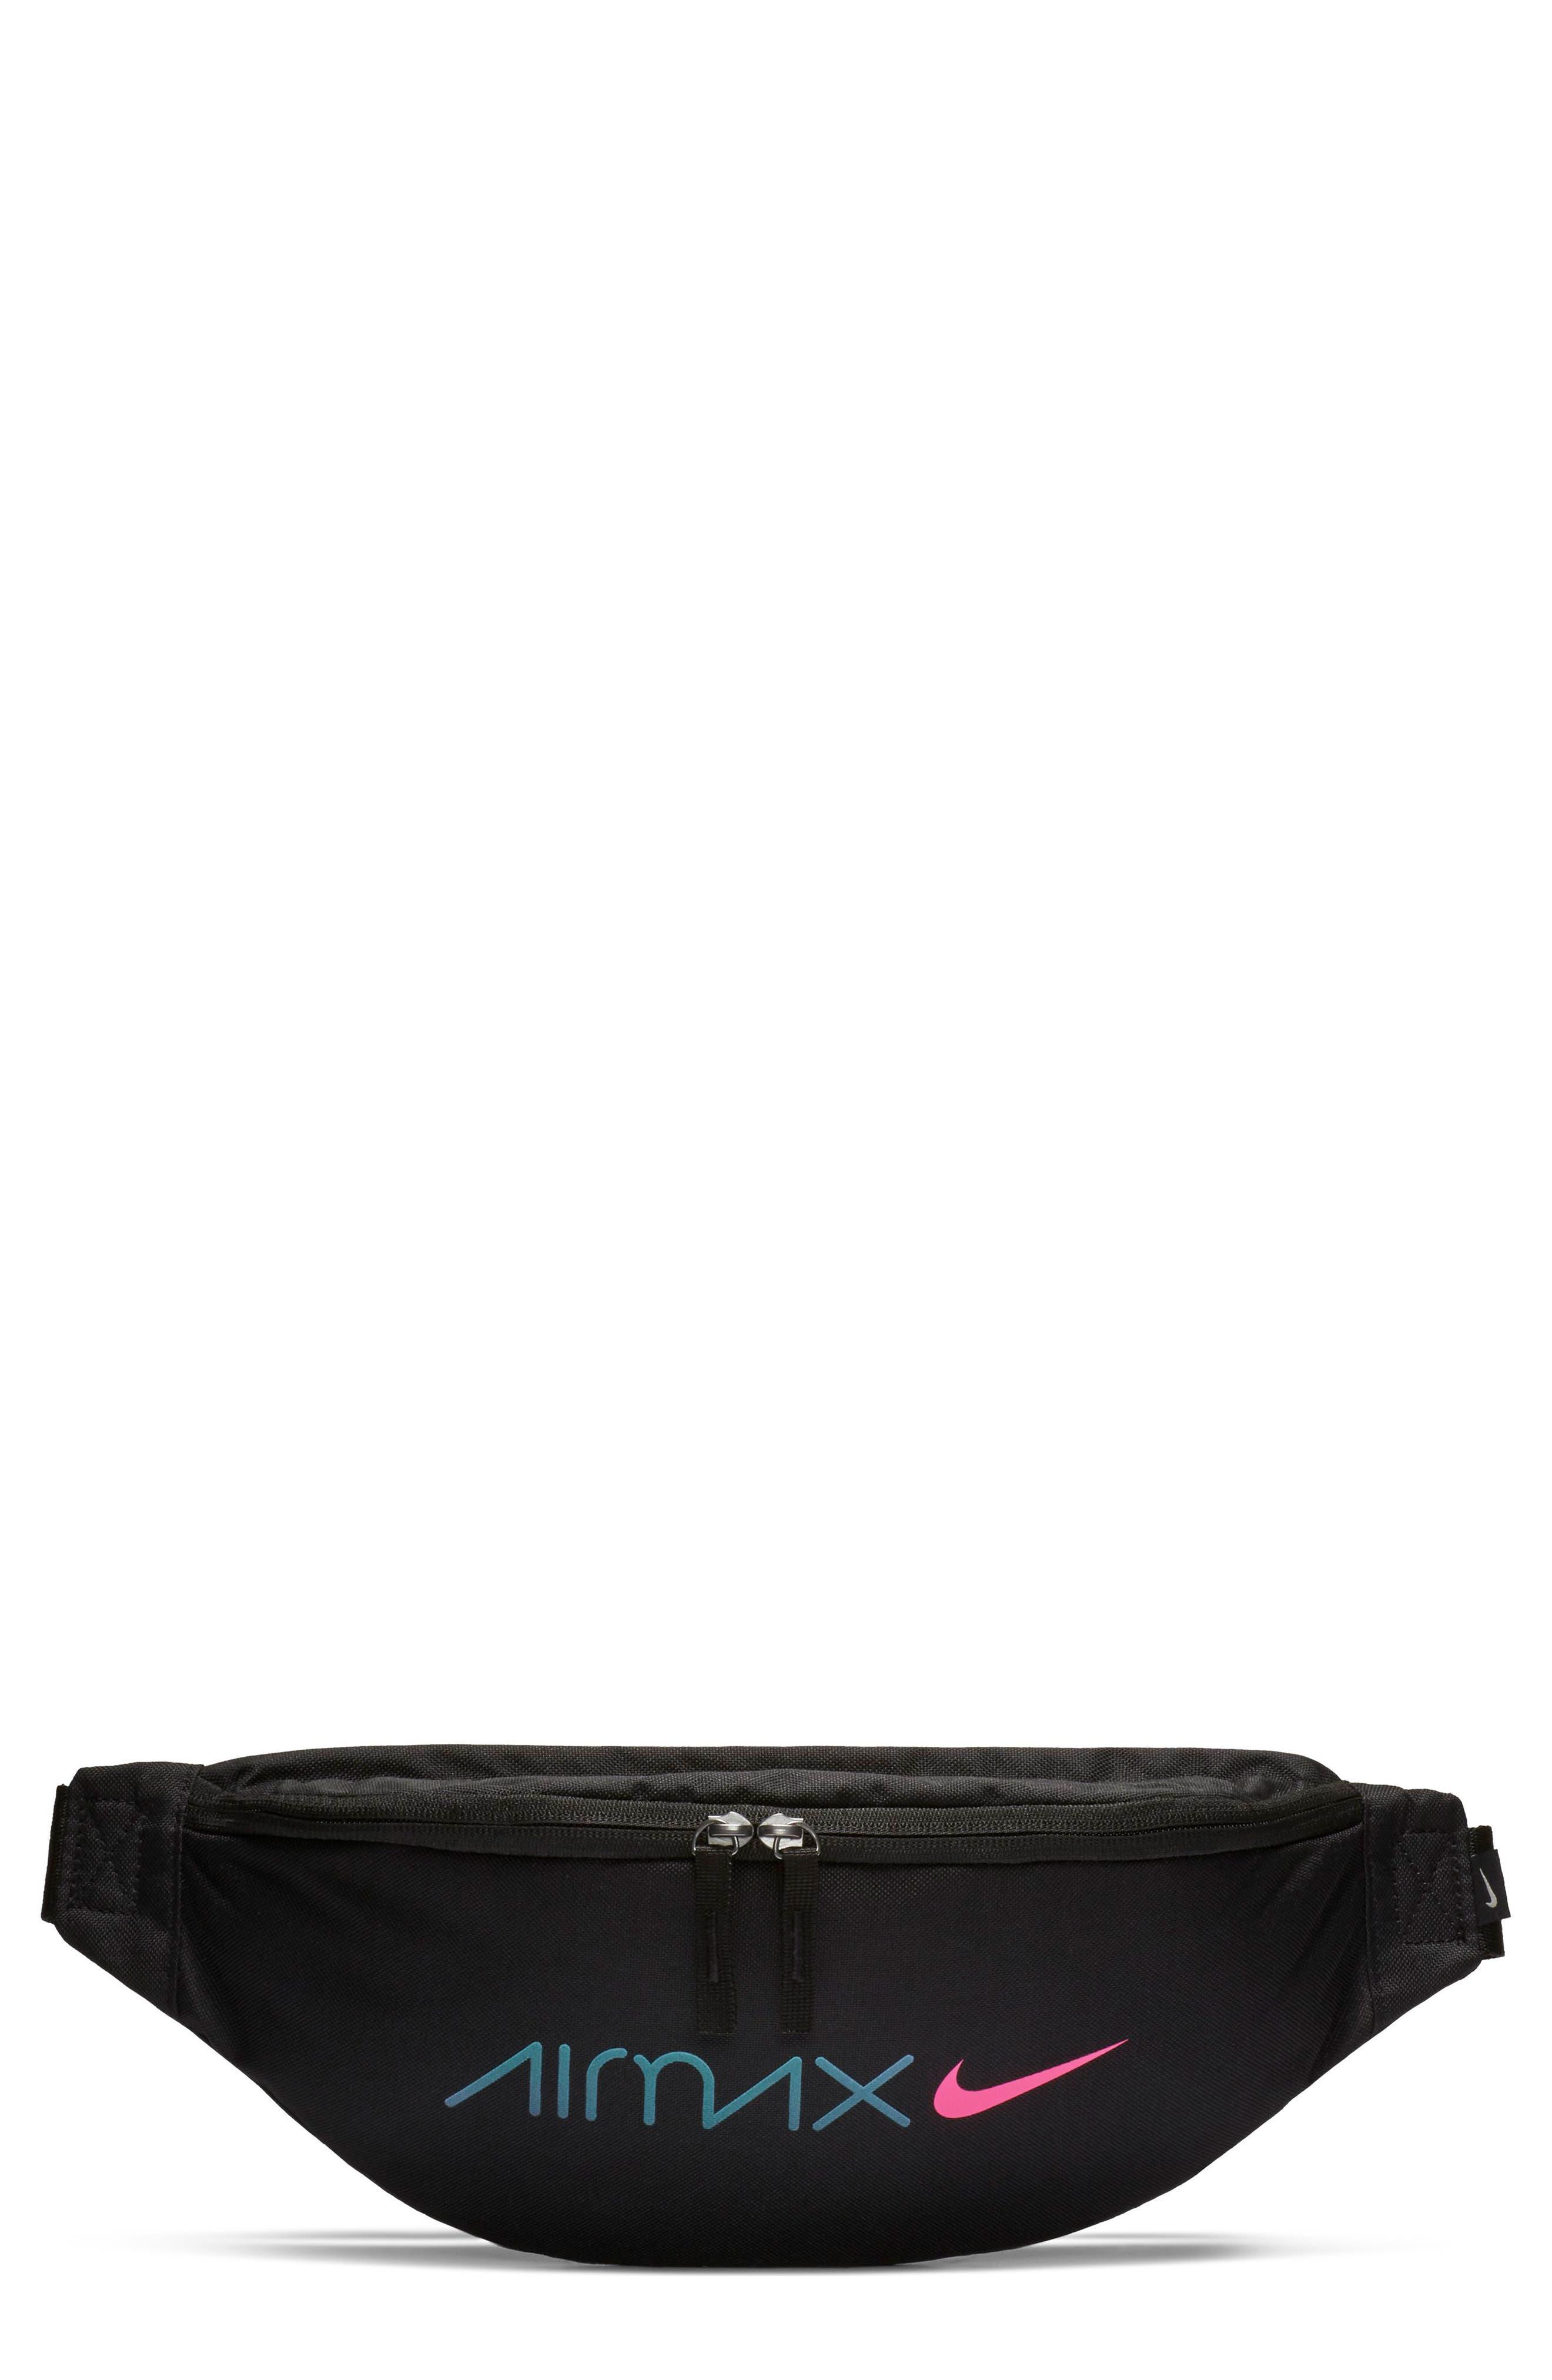 NIKE Heritage Belt Bag, Main, color, BLACK/ BLACK/ LASER FUCHSIA